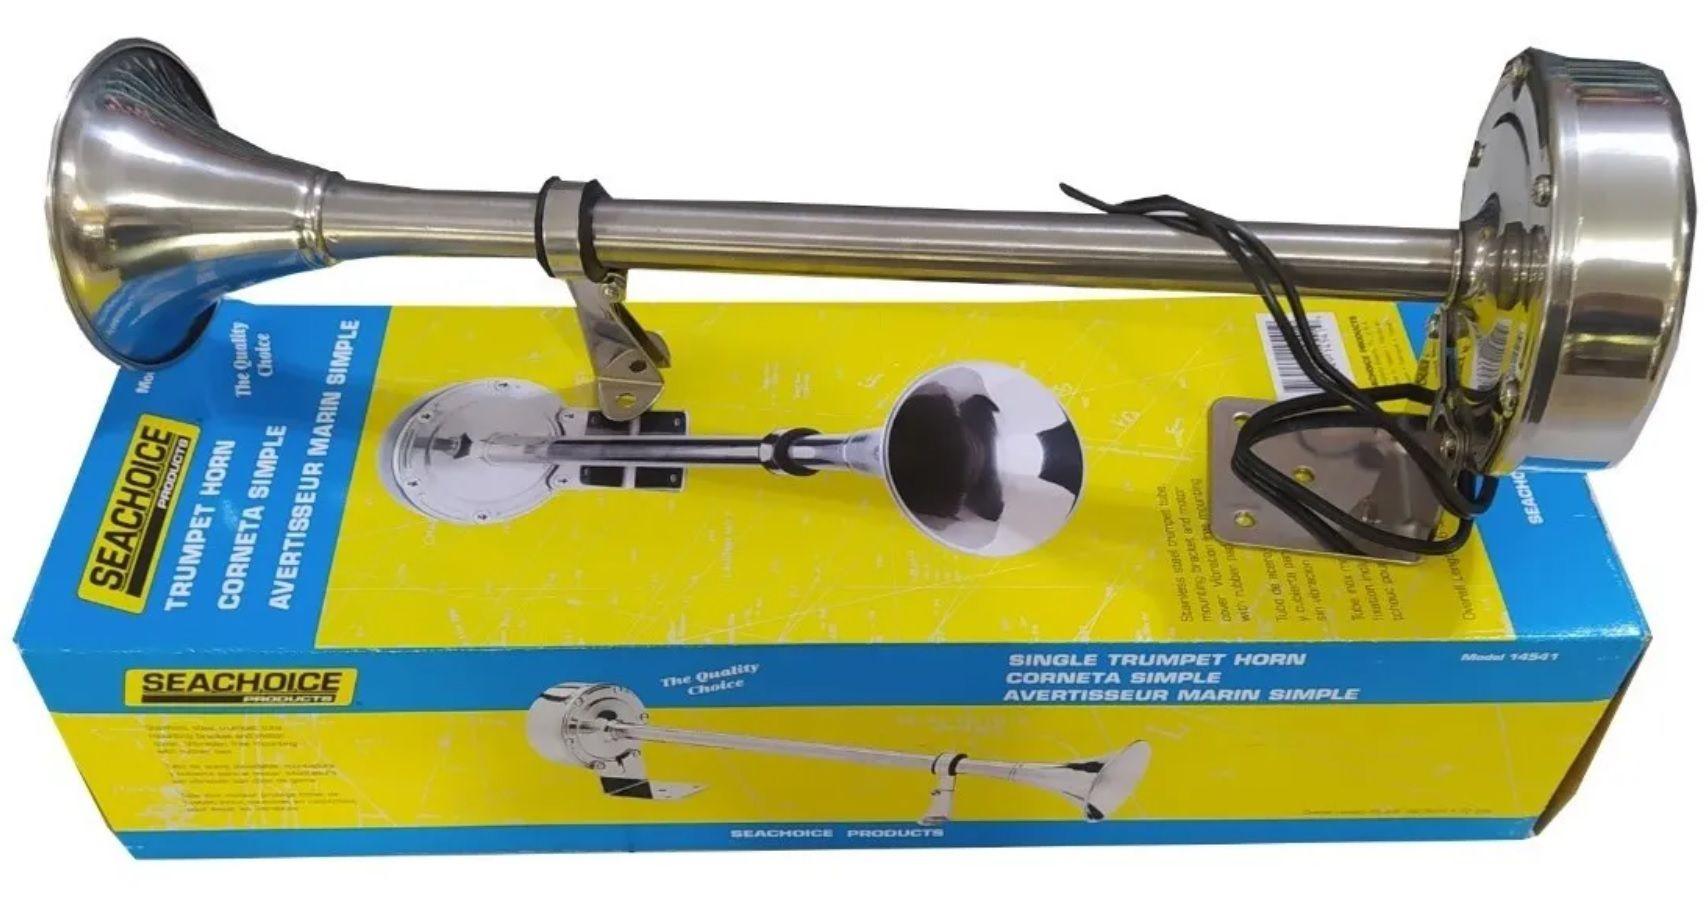 Buzina Elétrica Marítima Náutica Inox de 1 Corneta Simples 12V Seachoice p/ Barcos Lanchas e Veleiros